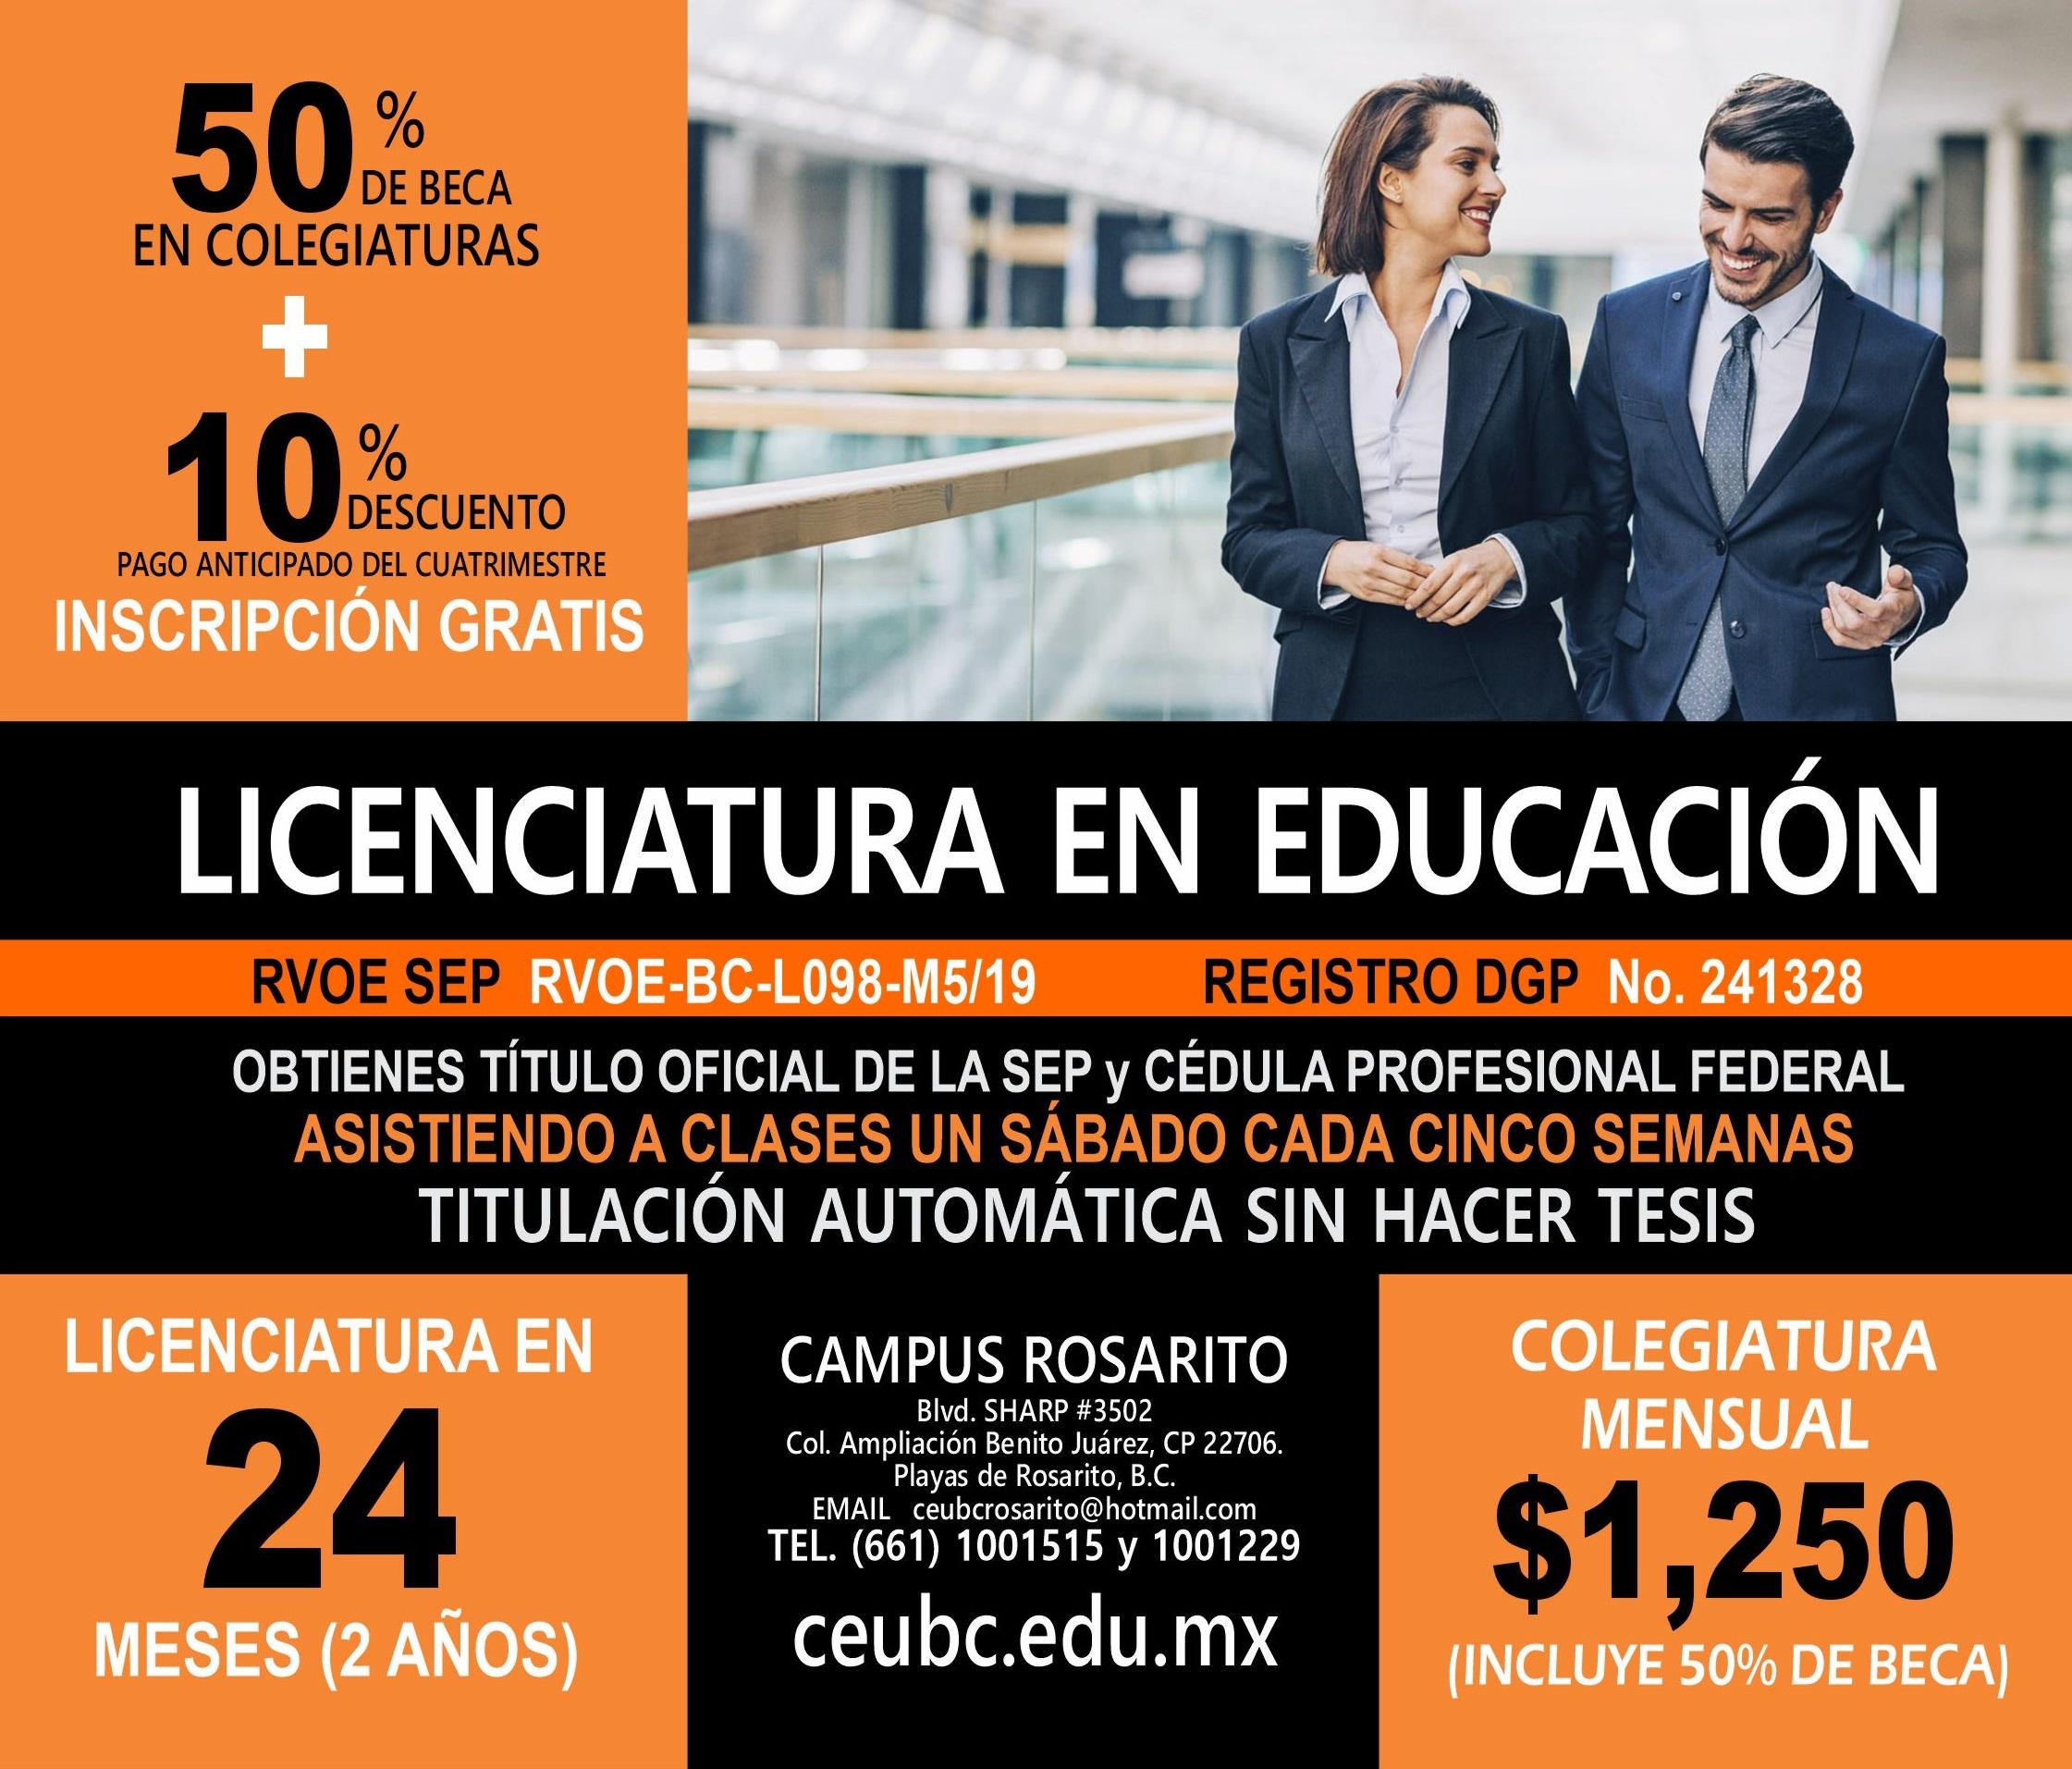 RVOE oficial: Licenciatura en Educación